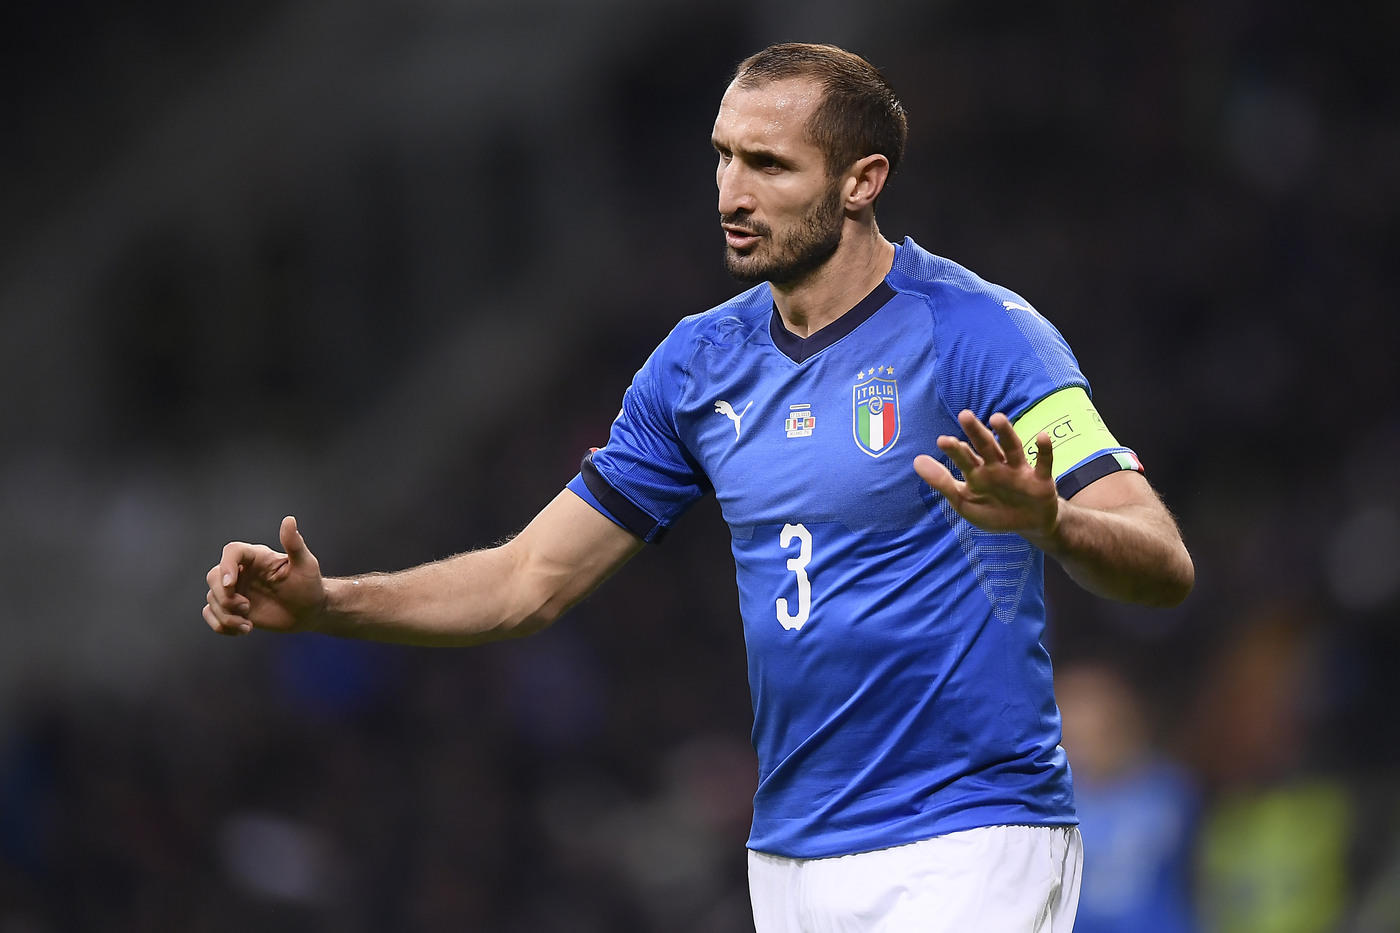 Nel quarto e ultimo match della Nations League, l'Italia pareggia contro il Portogallo e chiude il girone al secondo posto, dicendo così addio alle Final Four. A San Siro finisce 0-0, con gli azzurri che offrono un ottimo primo tempo prima di calare dal punto di vista fisico nella ripresa. I campioni d'Europa in carica - ai quali manca ancora la gara con la Polonia -  restano così al comando del Gruppo A3, a +2 sulla squadra di Mancini.